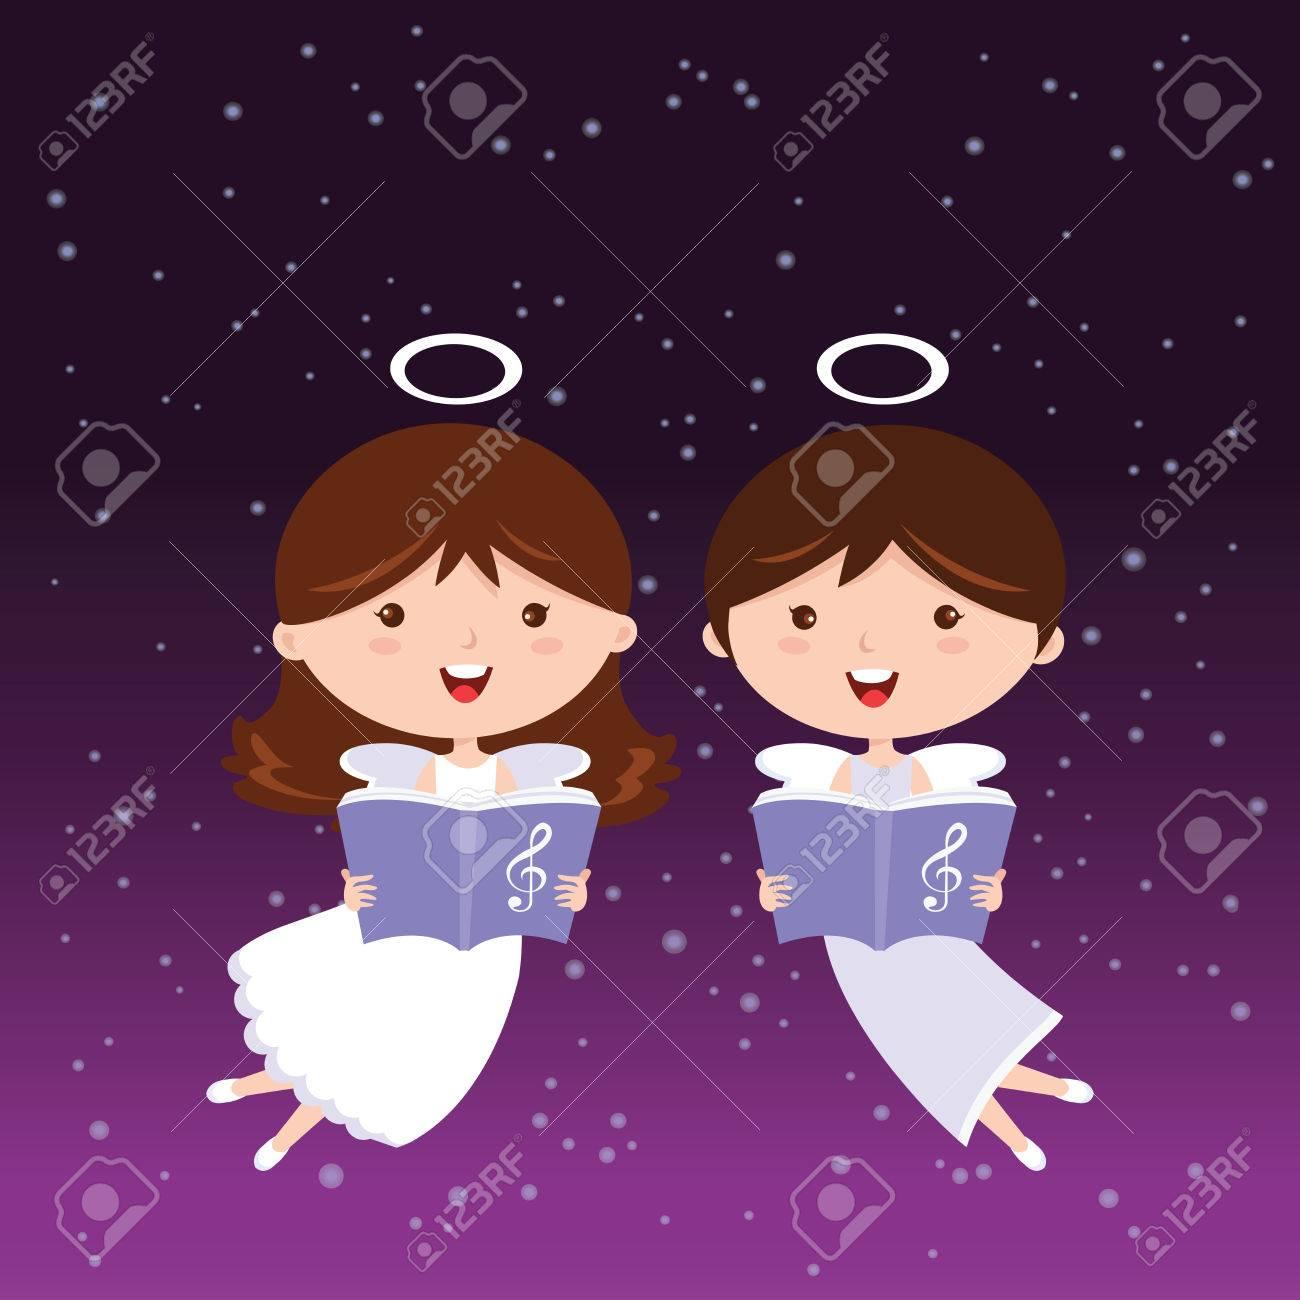 Angels singing  Singing angels on sparkles design elements background